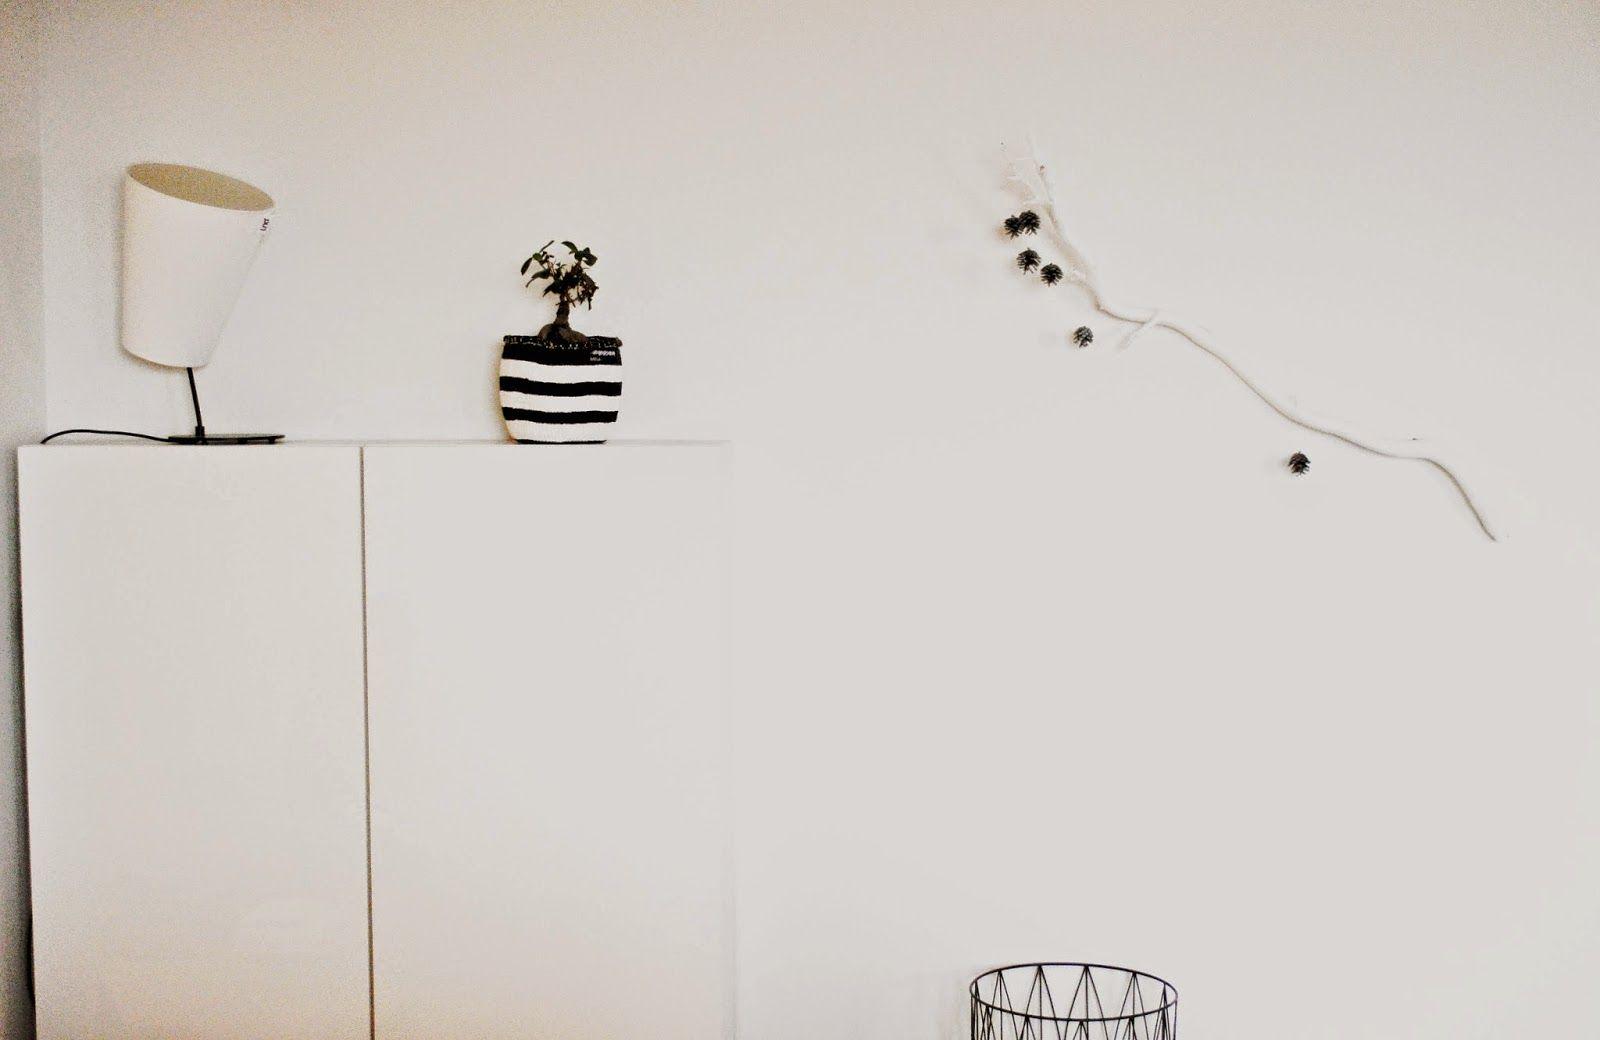 Vapaalla kädellä sisustaen - DIY: Oksa olohuoneen seinälle. Lue koko kirjoitus: http://vapaallakadellasisustaen.blogspot.fi/2014/11/diy-oksa-olohuoneen-seinalle.html #sisustusniksit